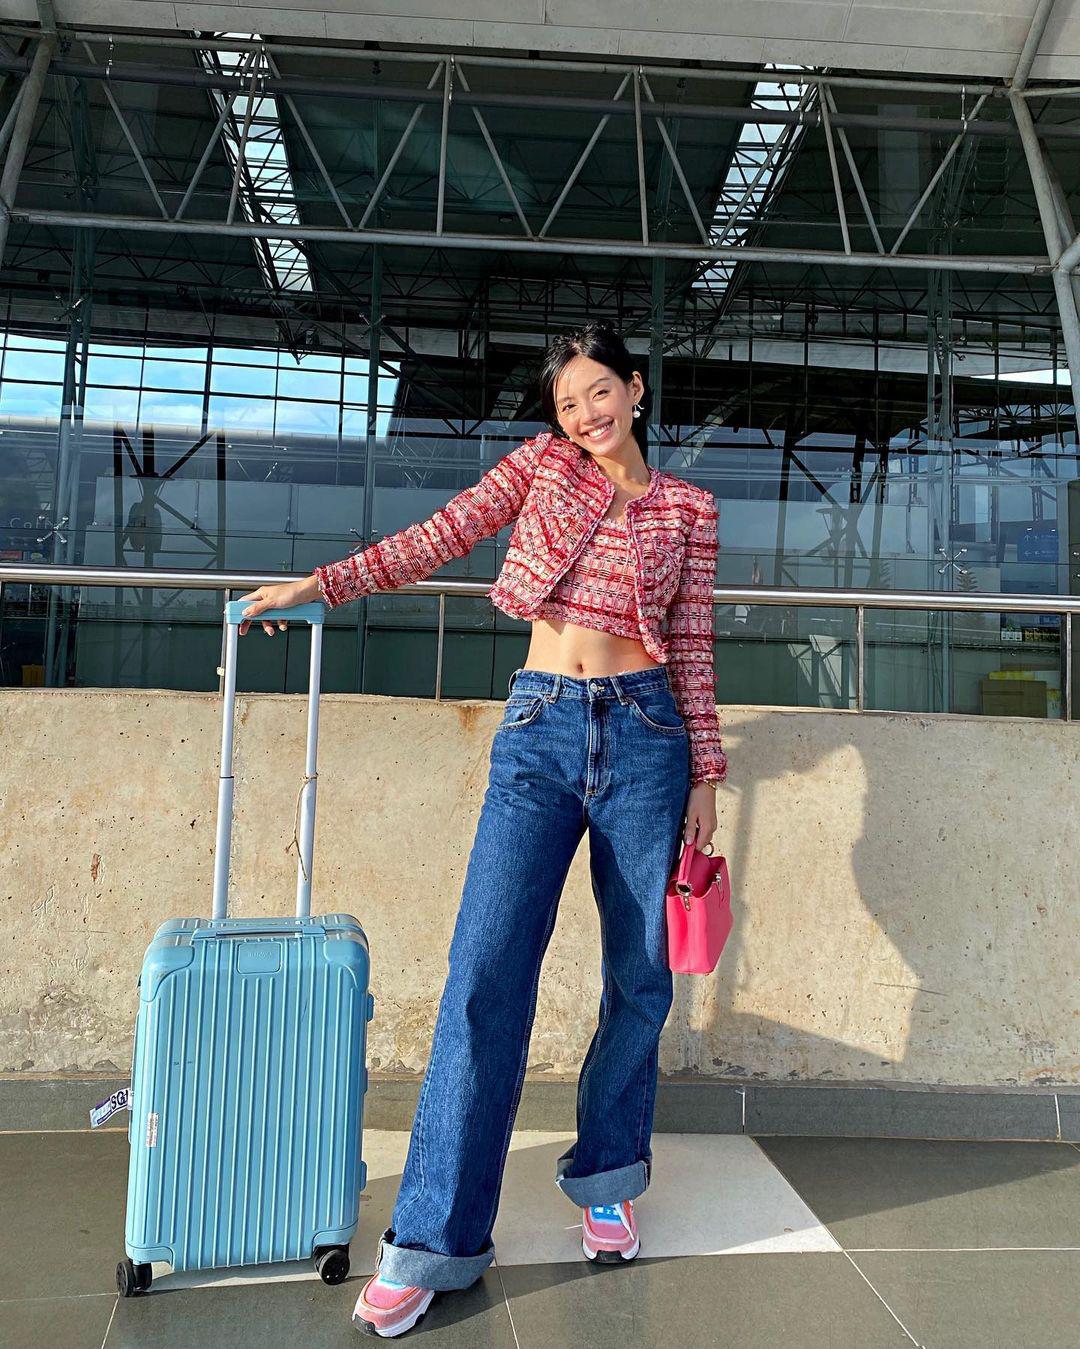 Instagram look của sao Việt tuần qua: Ngọc Trinh diện crop top cài đúng 1 chiếc khuy, 3 mỹ nhân khoe dáng với bikini cực gắt - Ảnh 6.